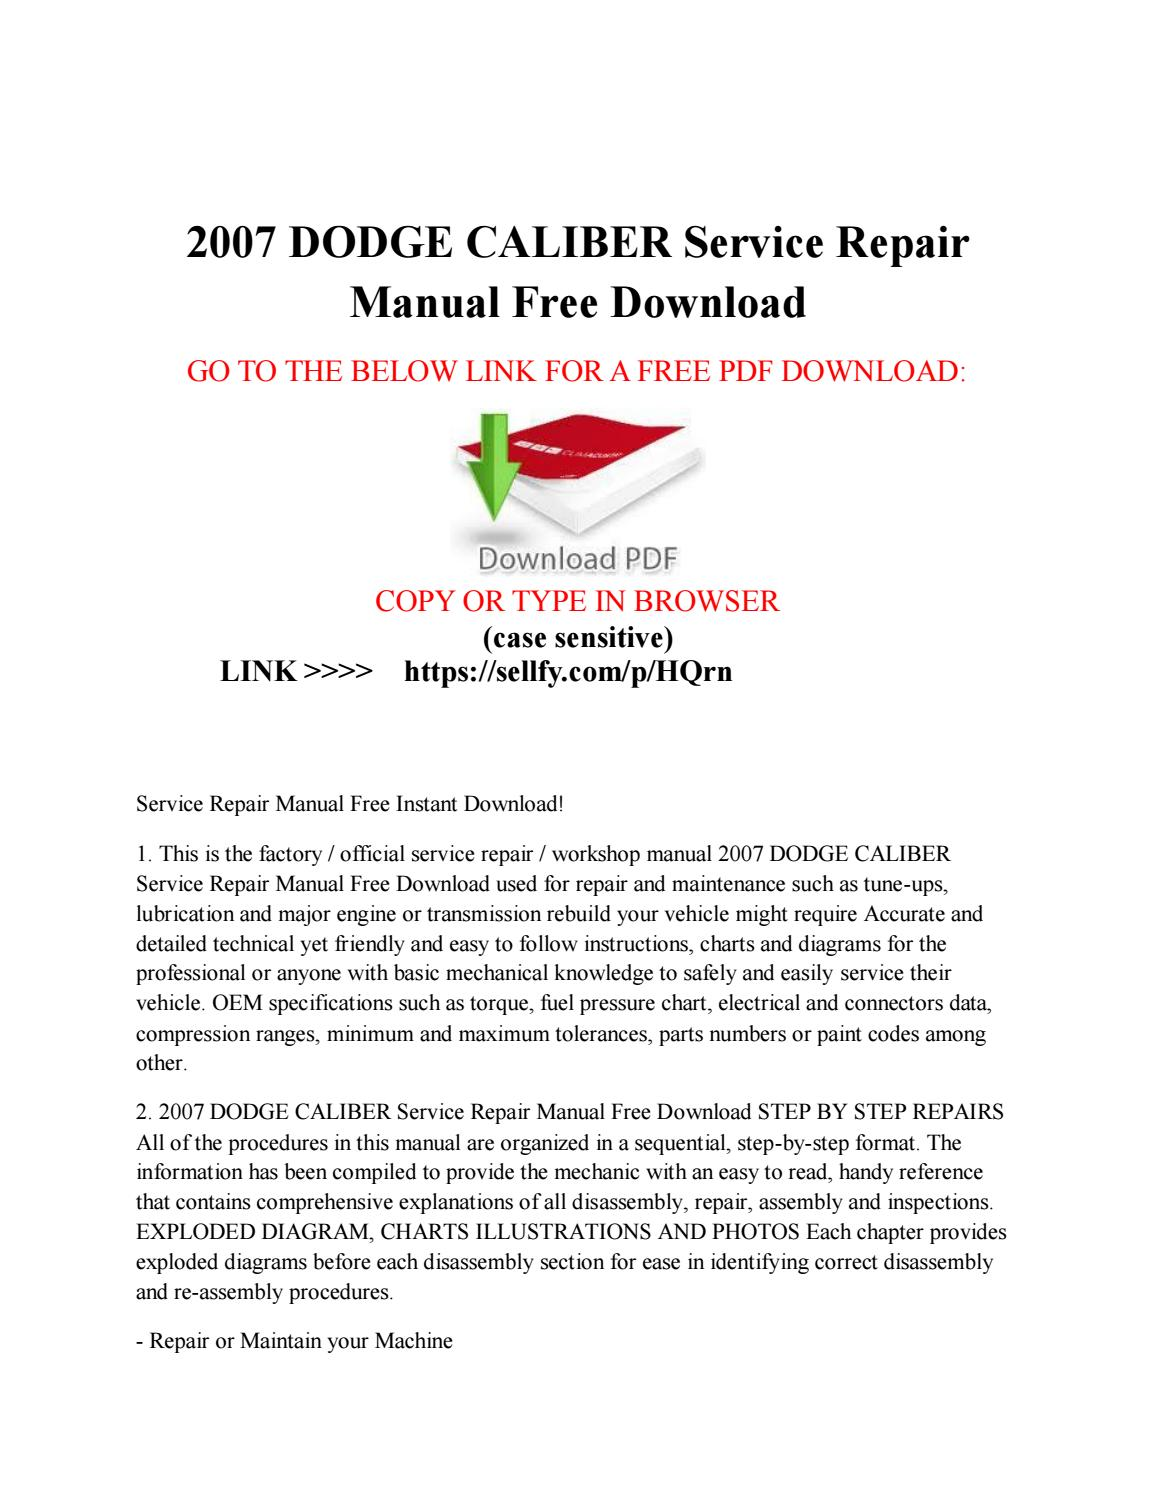 2007 dodge caliber service repair manual free download by